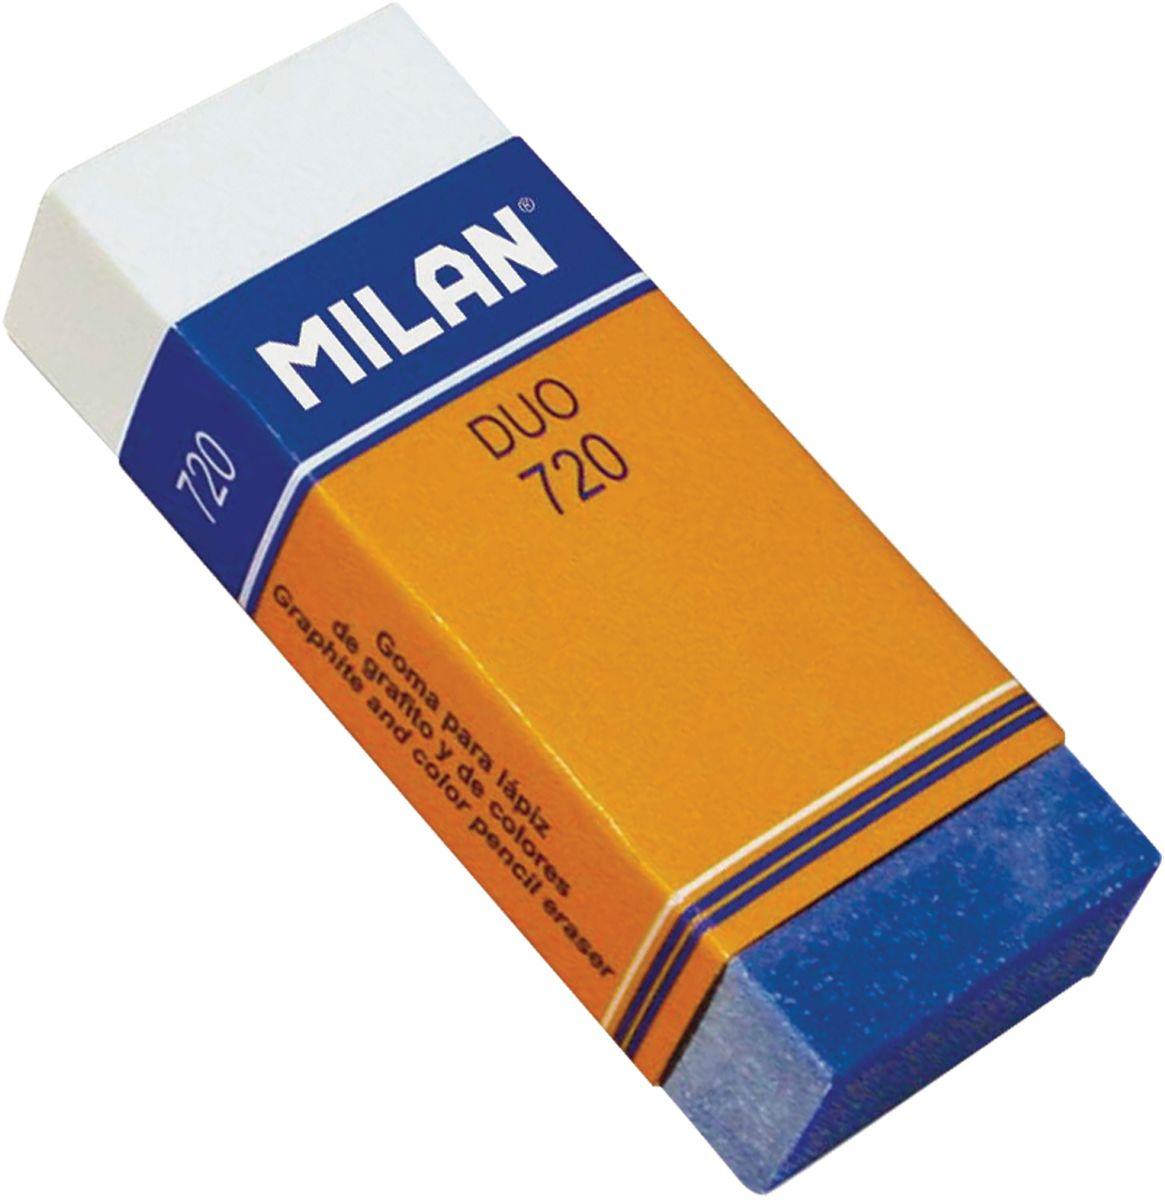 Milan Ластик Duo 720 прямоугольныйCPM720Ластик Milan Duo 720 - это высокоэффективный синтетический ластик нового поколения для работы с любыми видами графита и пигментов. Яркое дизайнерское решение подсказано функциональными особенностями полимерных добавок, повышающих абсорбирующие свойства и гарантирующих бережное отношение к структуре бумаги.